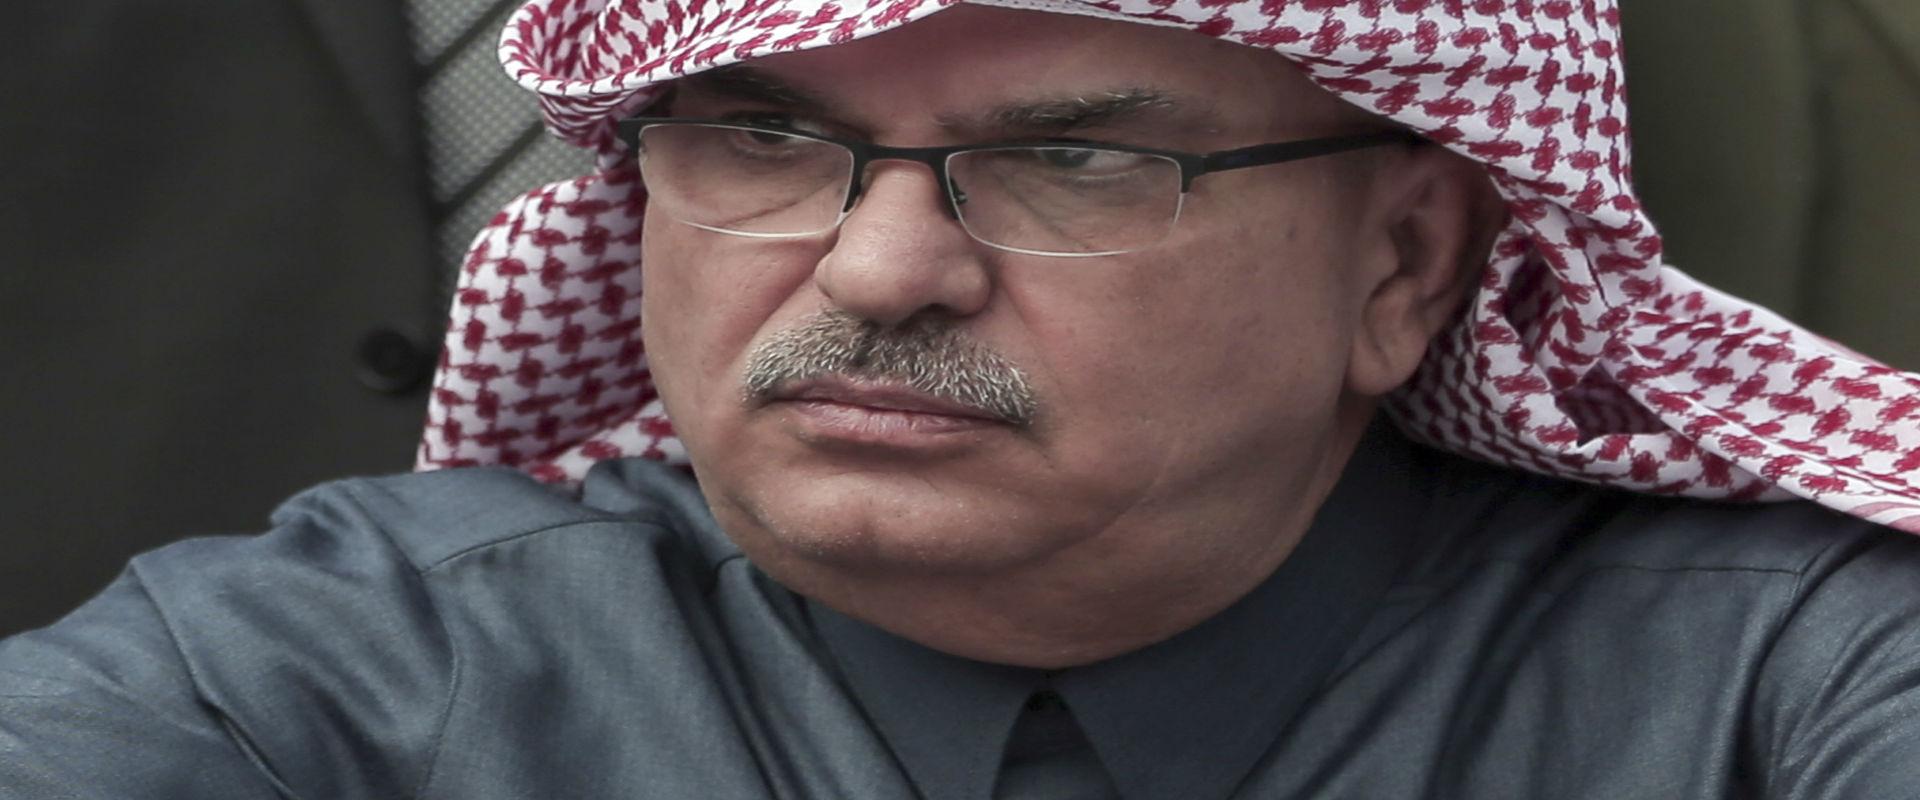 מוחמד אל-עמאדי